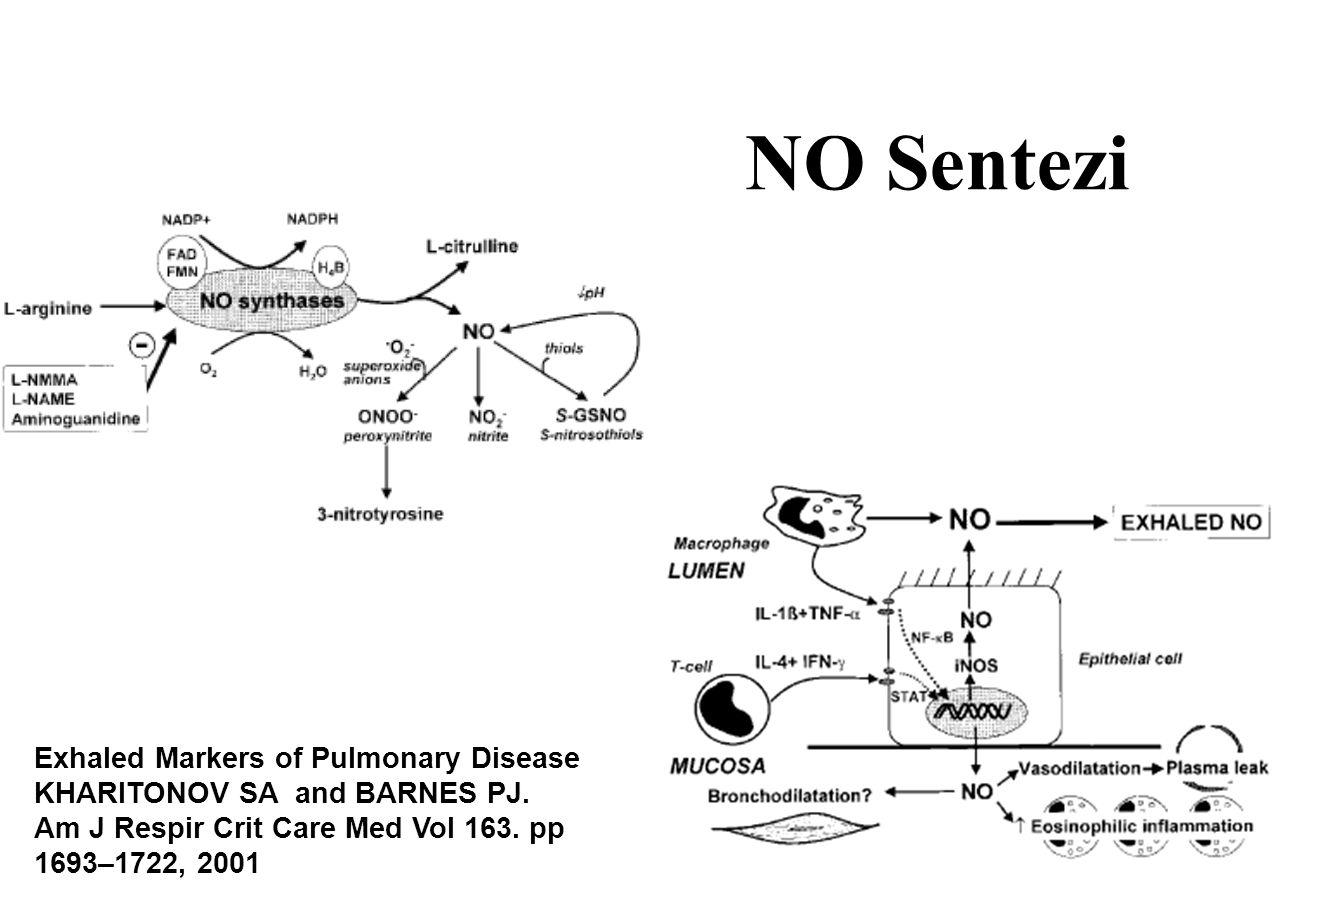 Astım yönetiminde FENO ölçümünün yararlarının kanıt dereceleri YararKanıt derecesi Potansiyel uygulama Astımda FENO artışı5Tanı FENO'da steroid tedavisiyle azalma5Monitorizasyon ve yanıt değerlendirmesi FENO'da diğer antiinflamatuar ilaçlarla (örn, lökotrien antagonistleri, anti-IgE) 2,3Monitorizasyon ve yanıt değerlendirmesi FENO'da tedavi kesilince artma5Komplians kontrolü FENO'nun eozinofilik inflamasyonla korelasyonu2–3İnflamatuar komponent monitorizasyonu FENO'nun diğer inflamatuar komponentlerle korelasyonu0–1İnflamatuar komponent monitorizasyonu FENO'nun ataklarda artışı3Atak değerlendirmesi FENO'nun atağın gelişini öngörmesi1,2Atak öngörüsü Astım kontrolü, QOL, sağlık harcamaları vs.